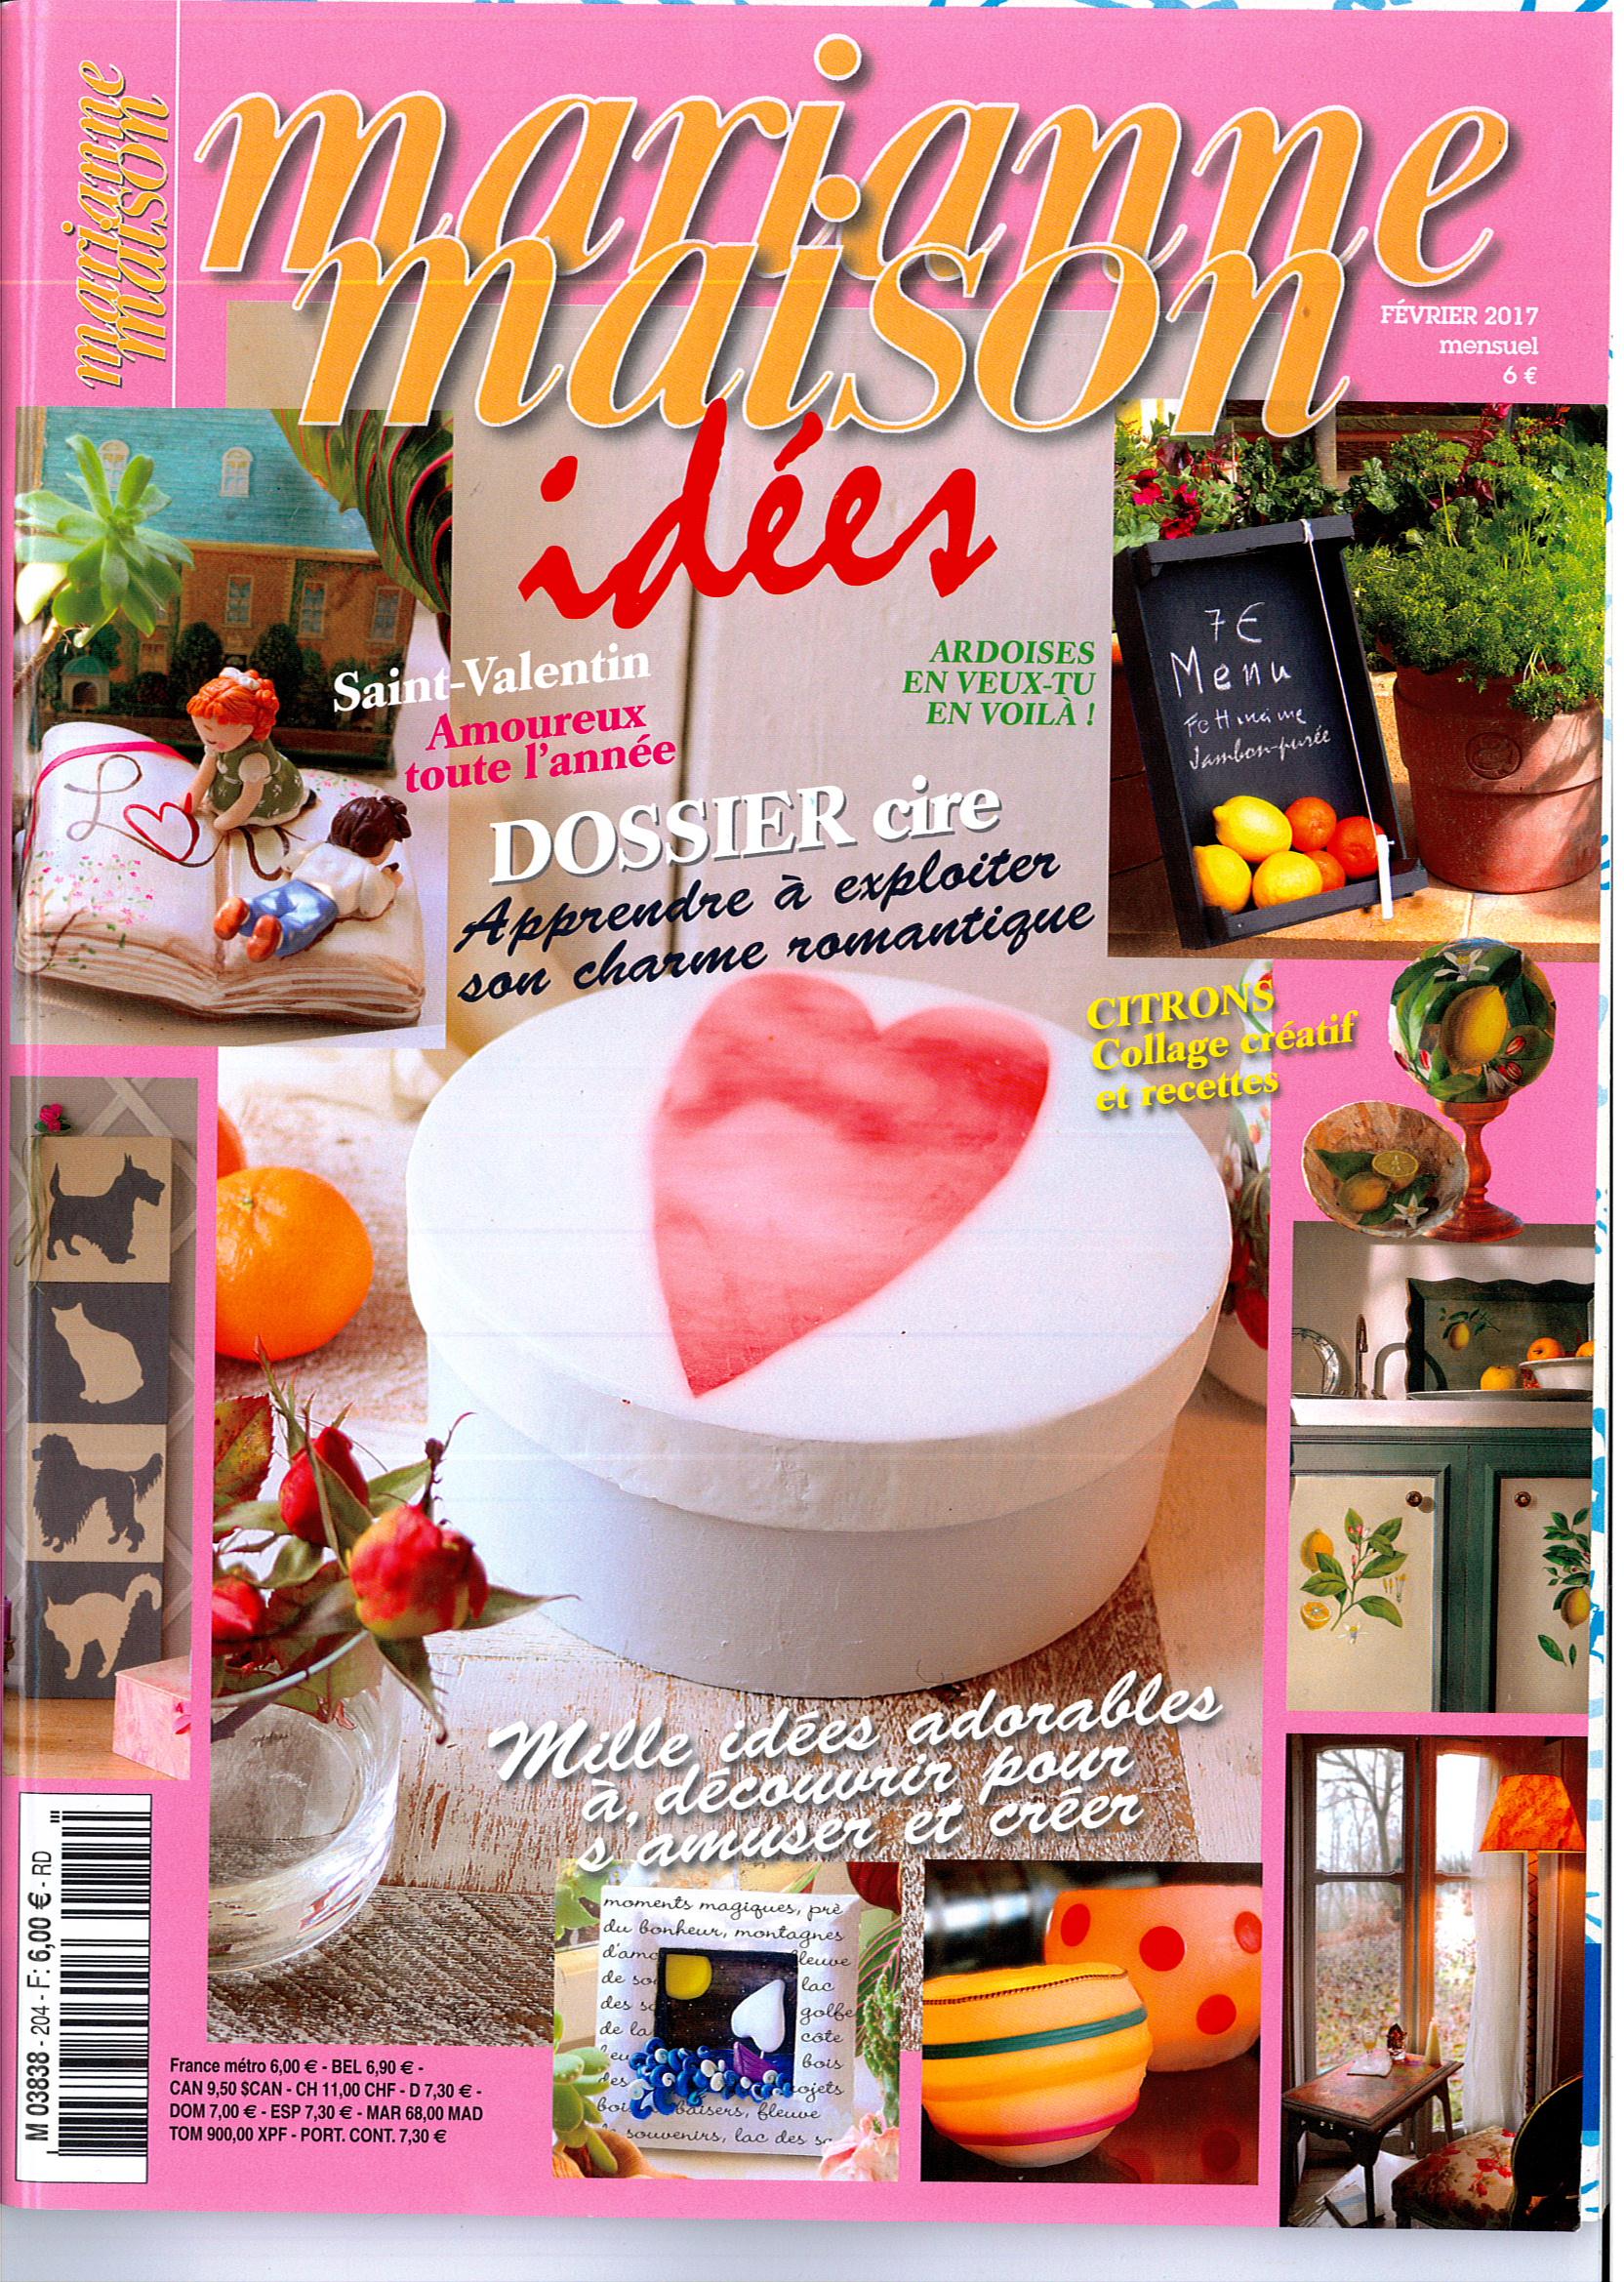 magazine maison et jardin maison campagne et jardin n supplment duart vendu avec maison et. Black Bedroom Furniture Sets. Home Design Ideas